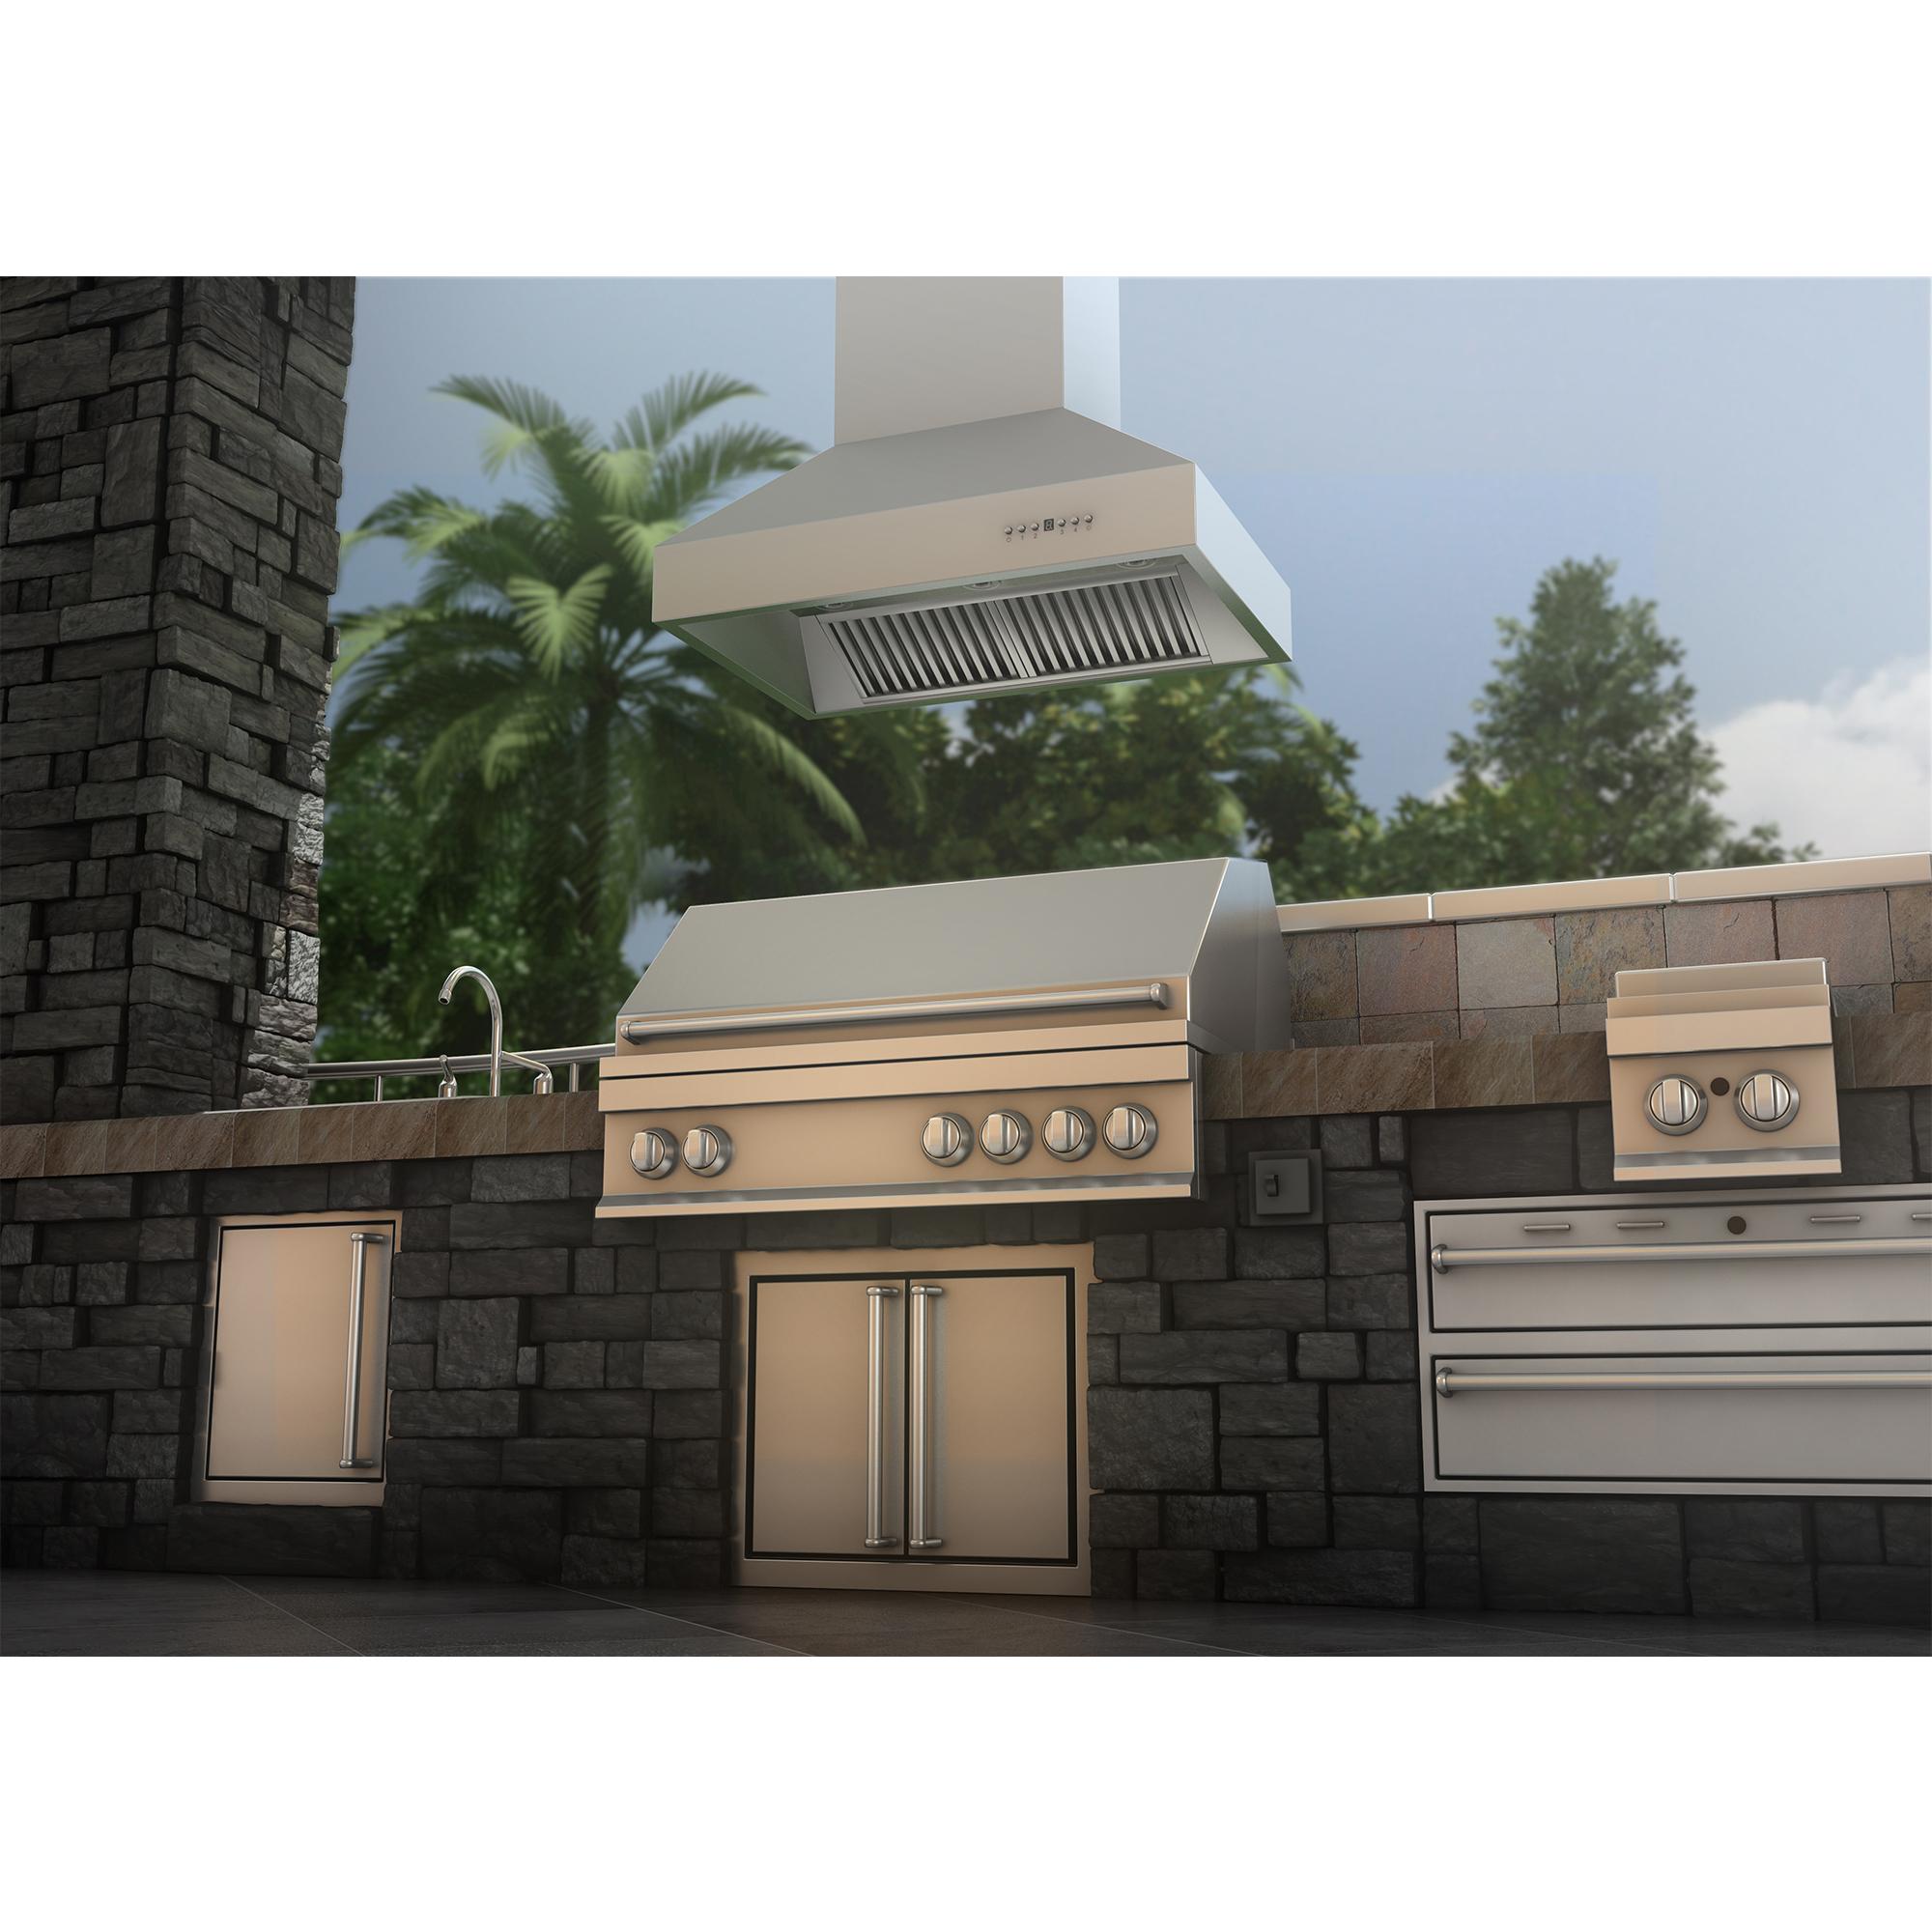 zline-stainless-steel-island-range-hood-697i-kitchen-outdoor-3.jpg